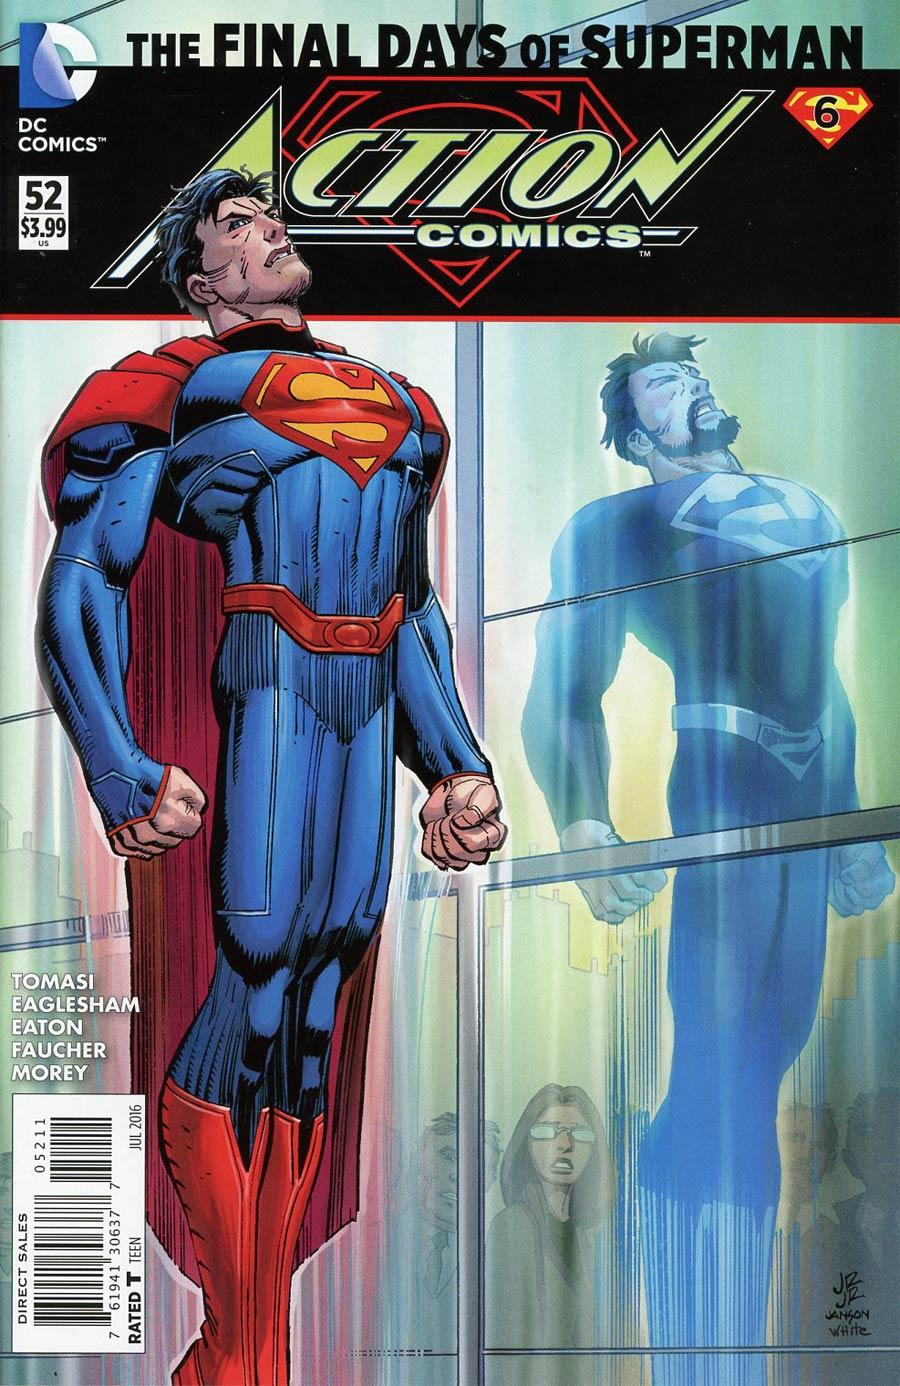 Action Comics Vol 2 #52 Cover A Regular John Romita Jr Cover (Super League Part 6)